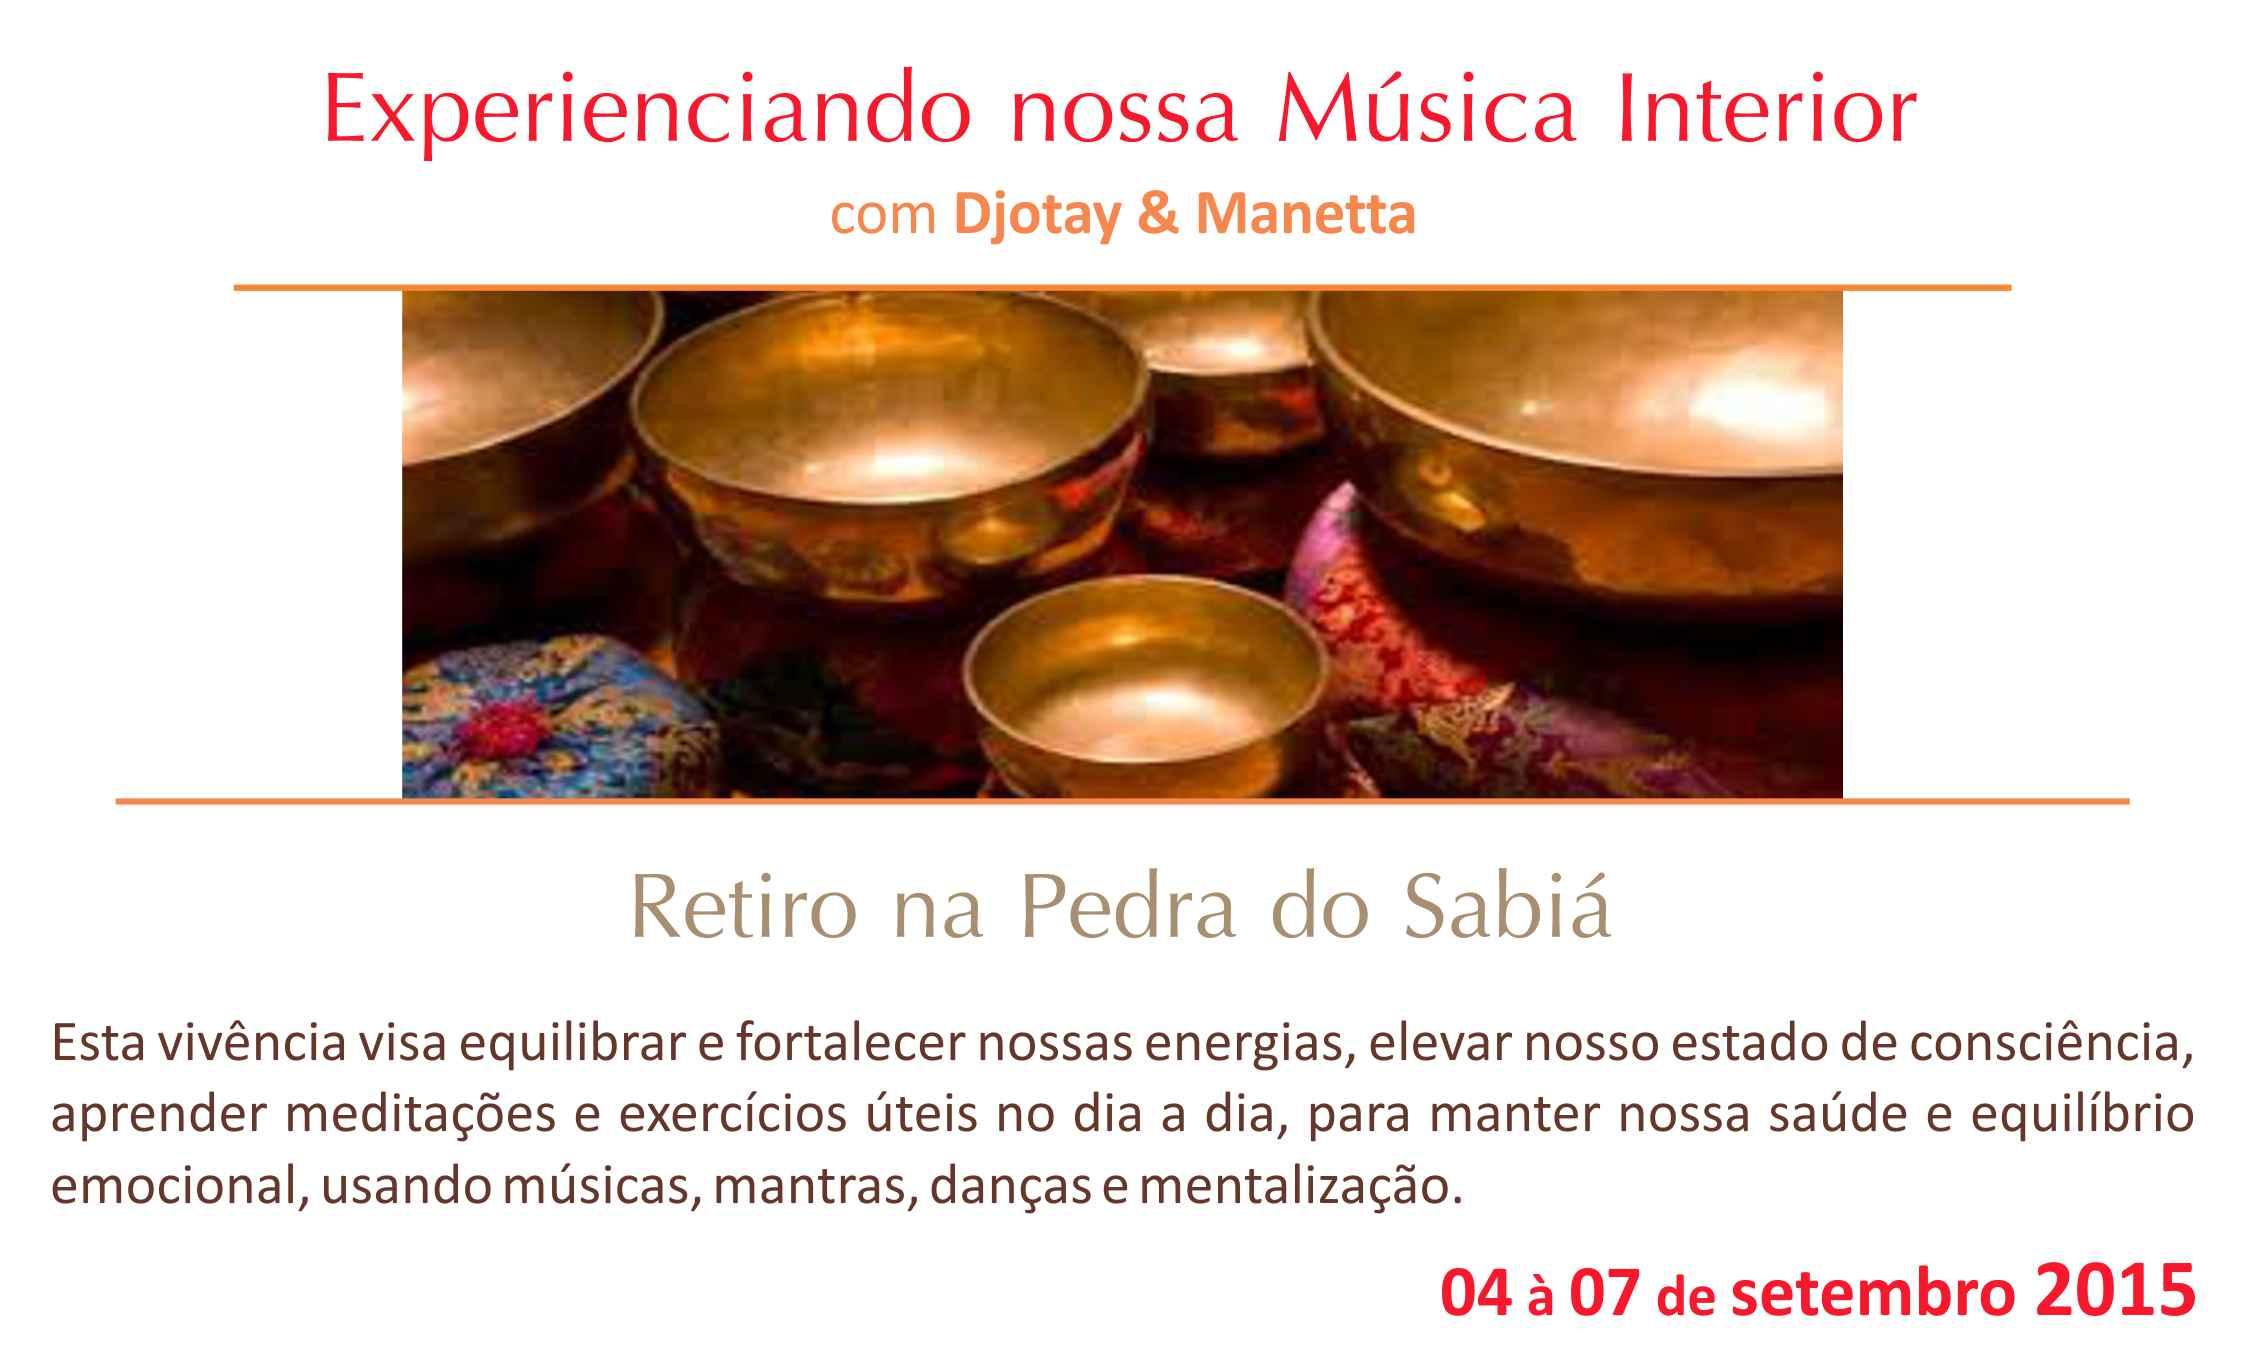 Experienciando nossa Música Interior